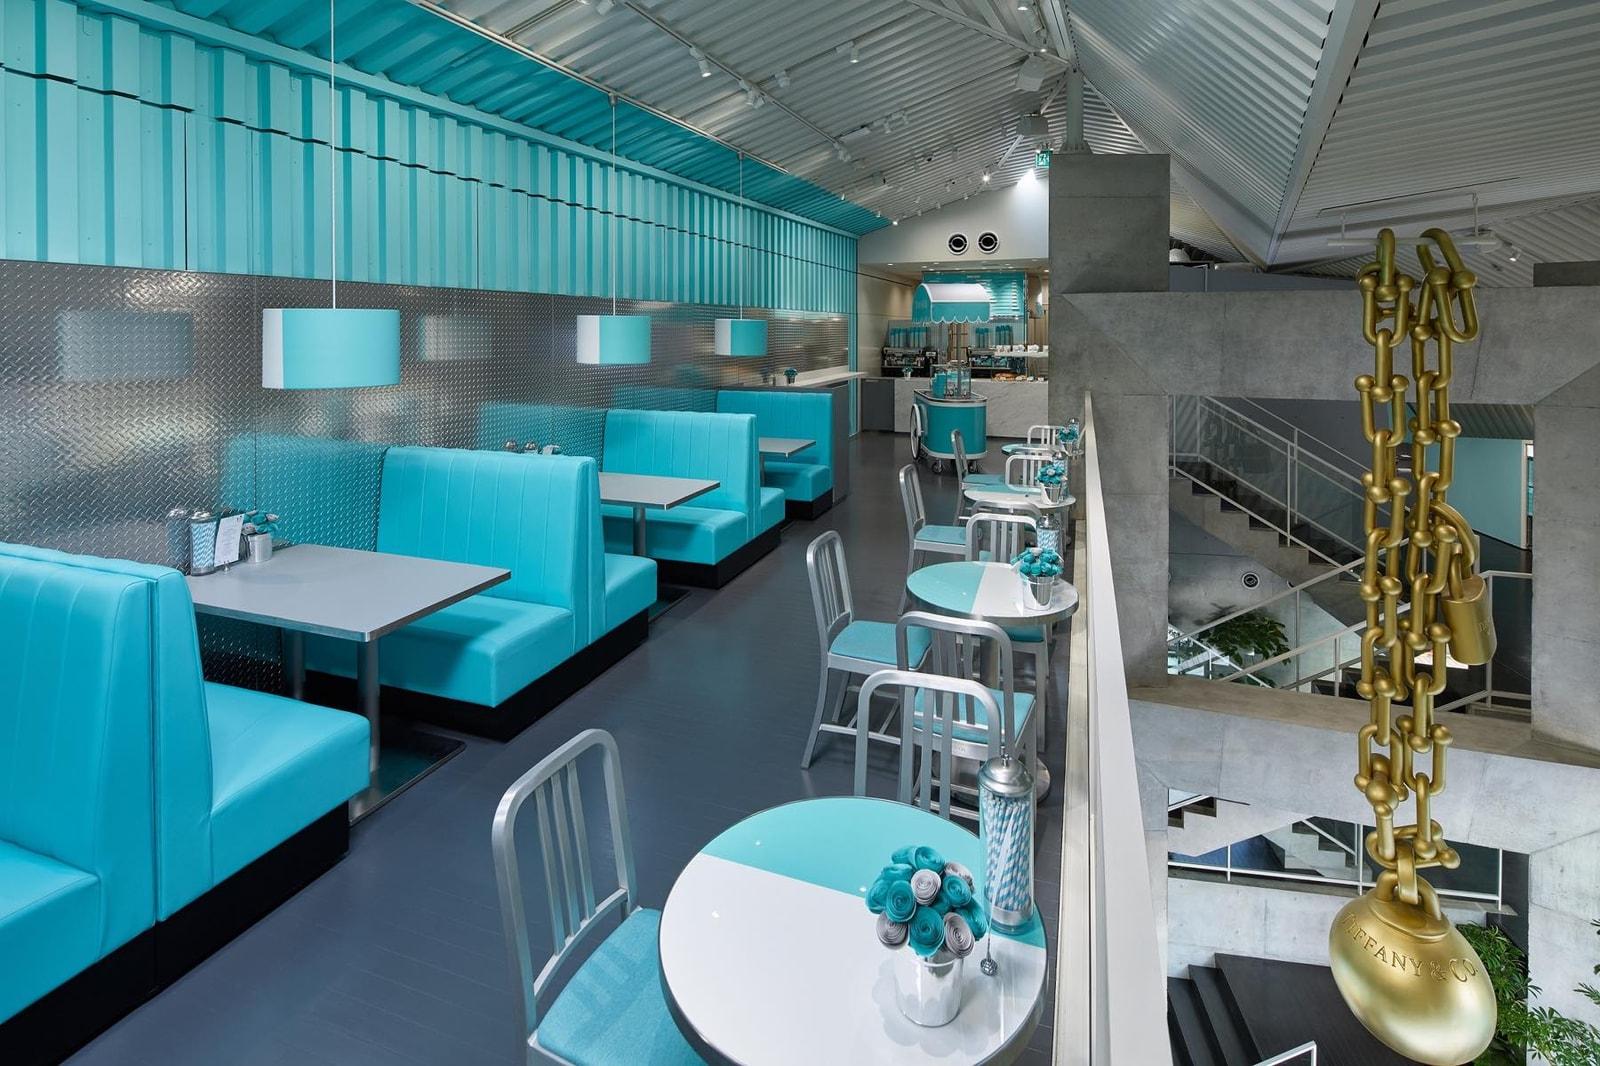 ティファニー Tiffany & Co.  原宿 キャットストリート コンセプトストア オープン 日本 東京